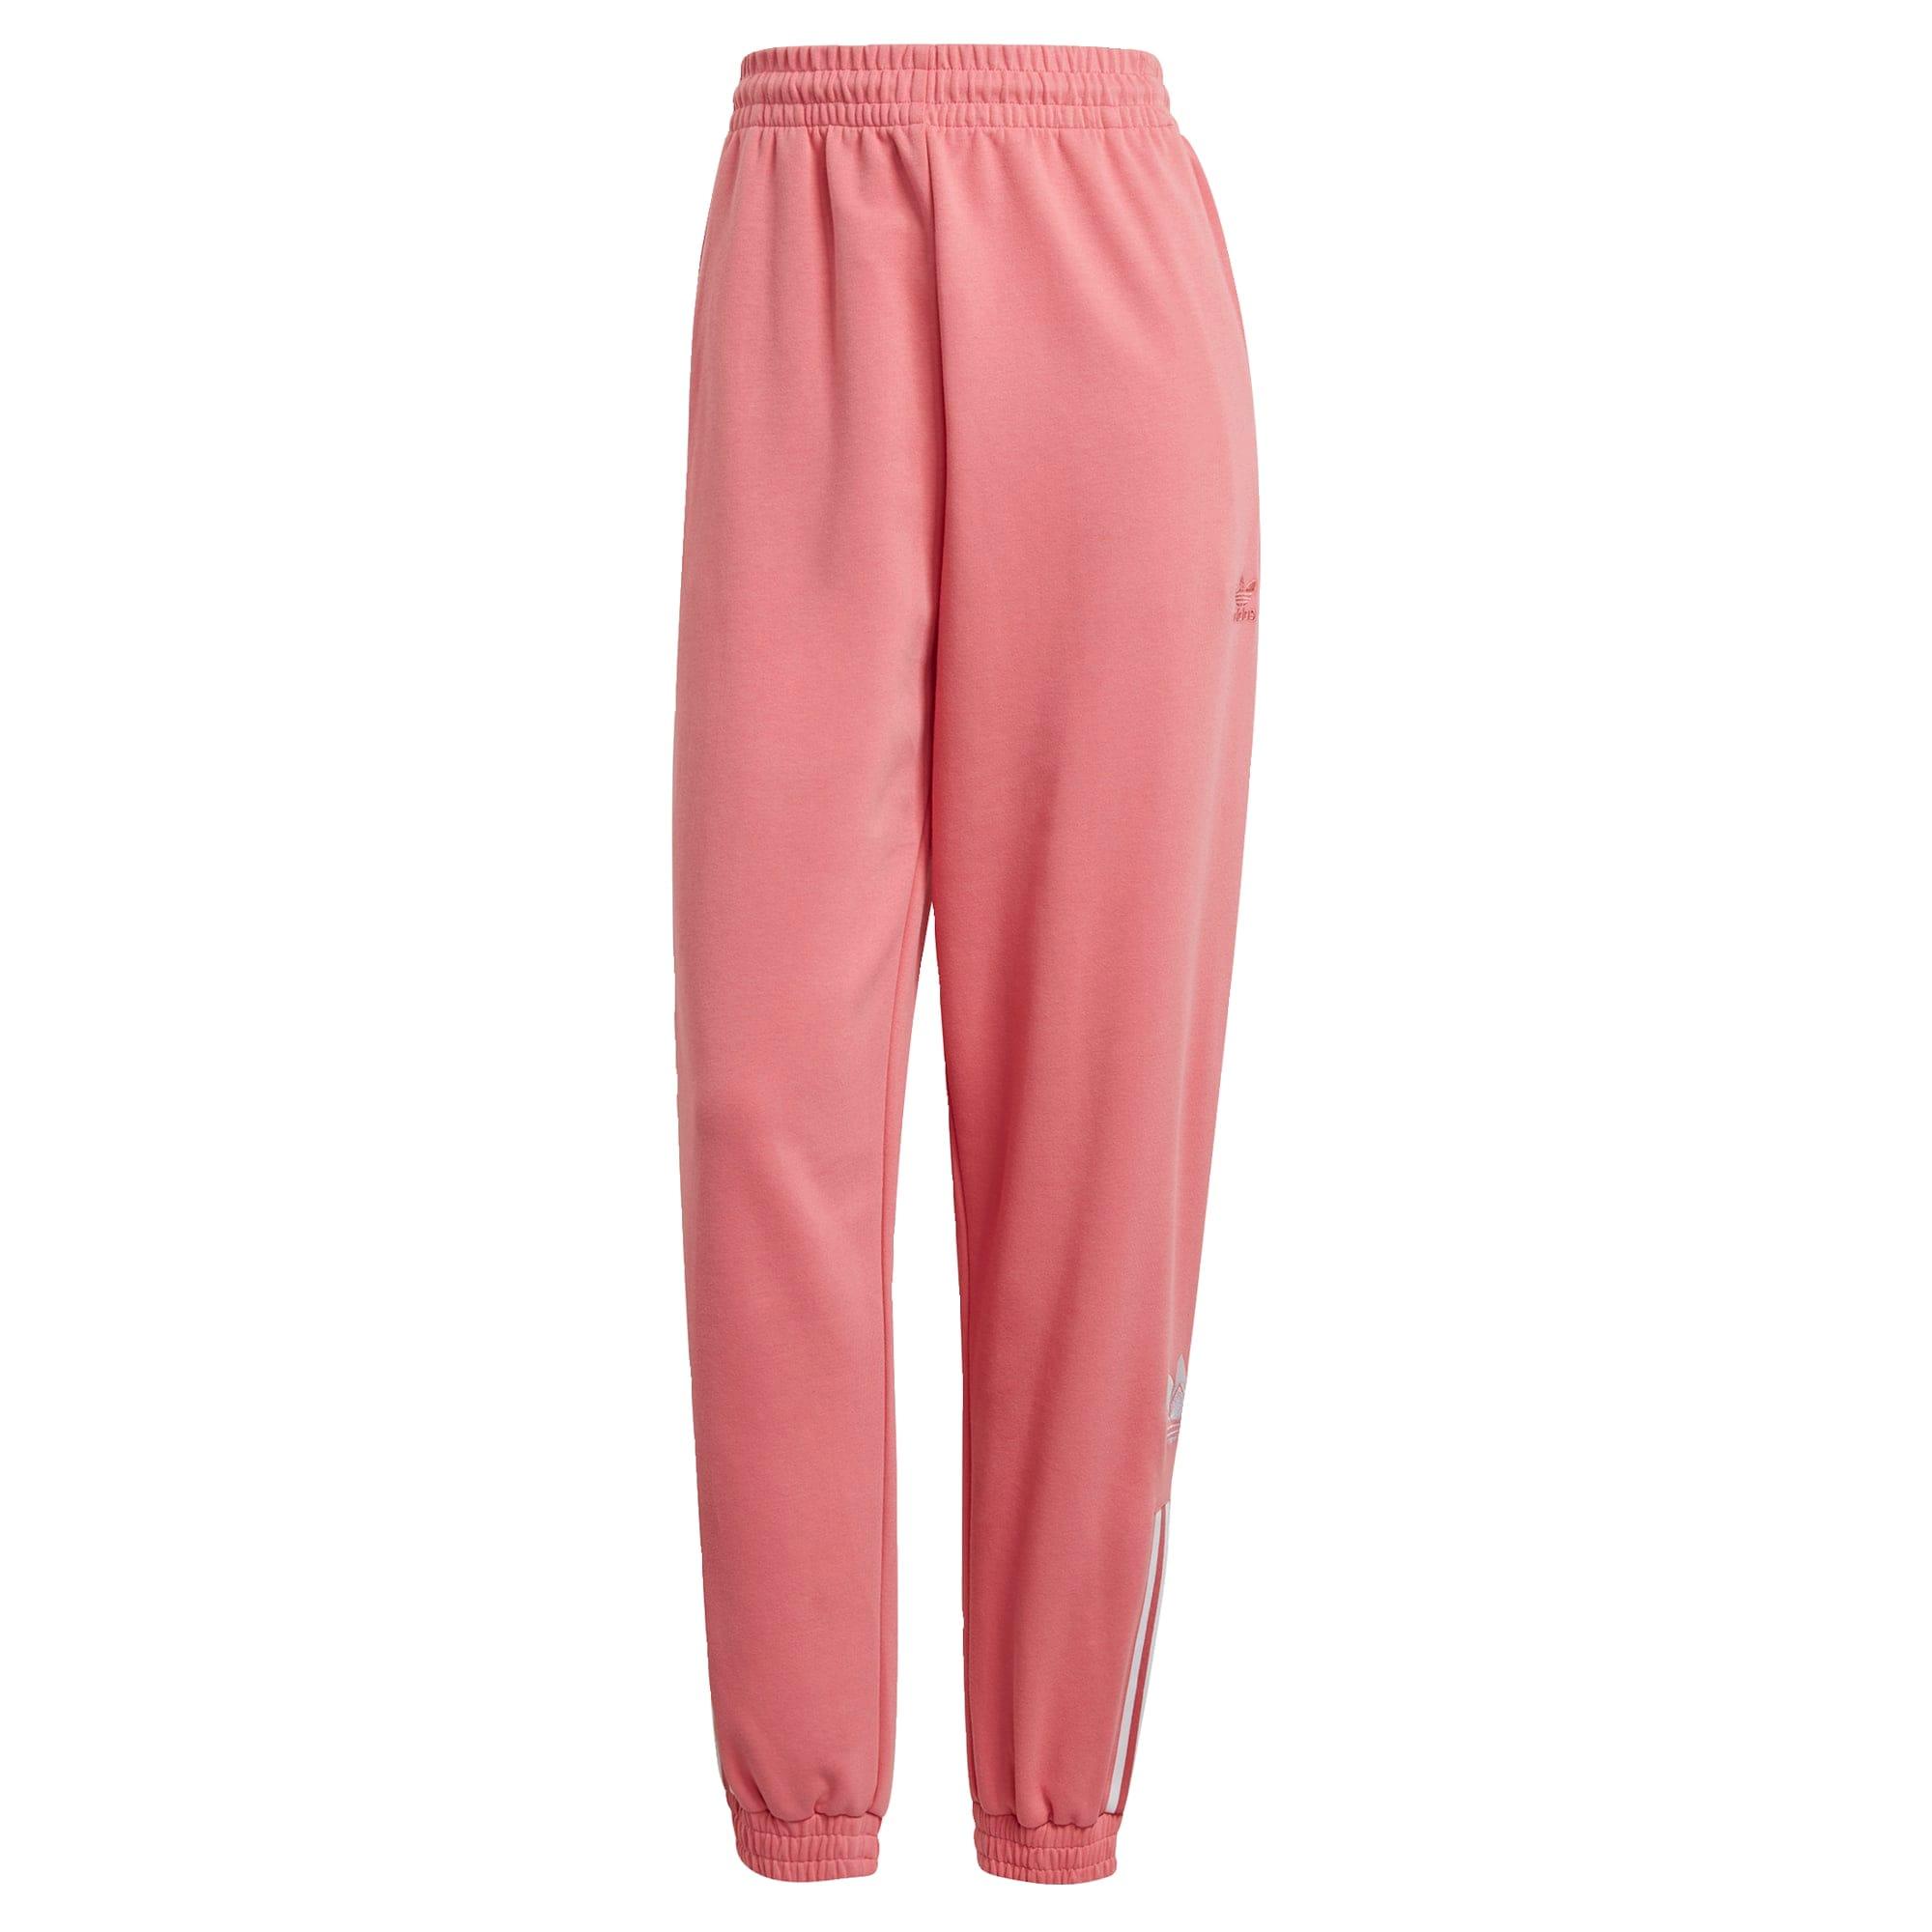 ADIDAS ORIGINALS Kelnės balta / ryškiai rožinė spalva